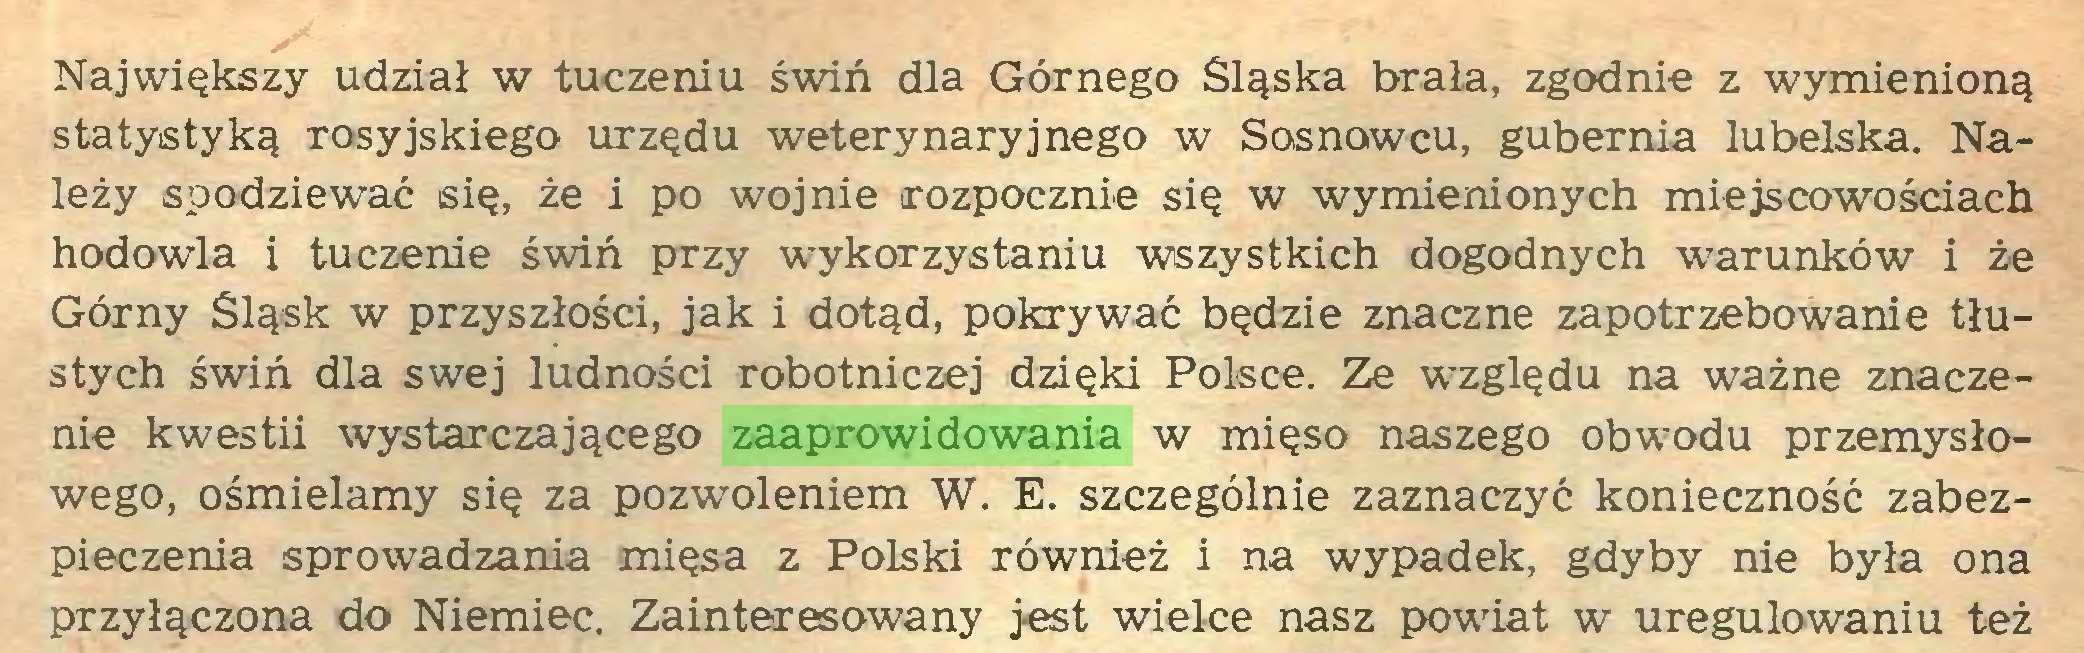 (...) Największy udział w tuczeniu świń dla Górnego Śląska brała, zgodnie z wymienioną statystyką rosyjskiego urzędu weterynaryjnego w Sosnowcu, gubernia lubelska. Należy spodziewać się, że i po wojnie rozpocznie się w wymienionych miejscowościach hodowla i tuczenie świń przy wykorzystaniu wszystkich dogodnych warunków i że Górny Śląsk w przyszłości, jak i dotąd, pokrywać będzie znaczne zapotrzebowanie tłustych świń dla swej ludności robotniczej dzięki Polsce. Ze względu na ważne znaczenie kwestii wystarczającego zaaprowidowania w mięso naszego obwodu przemysłowego, ośmielamy się za pozwoleniem W. E. szczególnie zaznaczyć konieczność zabezpieczenia sprowadzania mięsa z Polski również i na wypadek, gdyby nie była ona przyłączona do Niemiec. Zainteresowany jest wielce nasz powiat w uregulowaniu też...